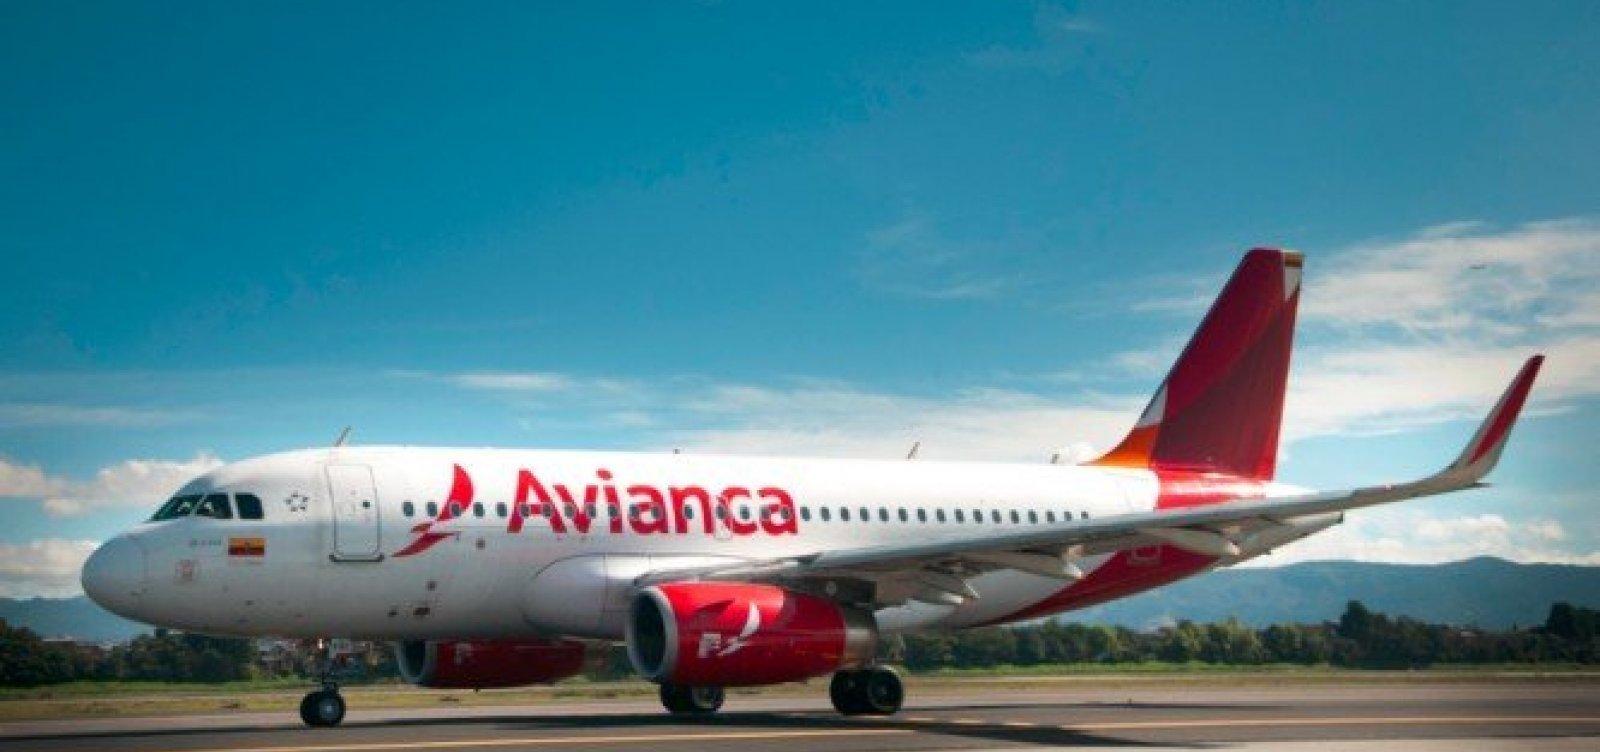 [Credores aprovam plano de recuperação da Avianca Brasil]